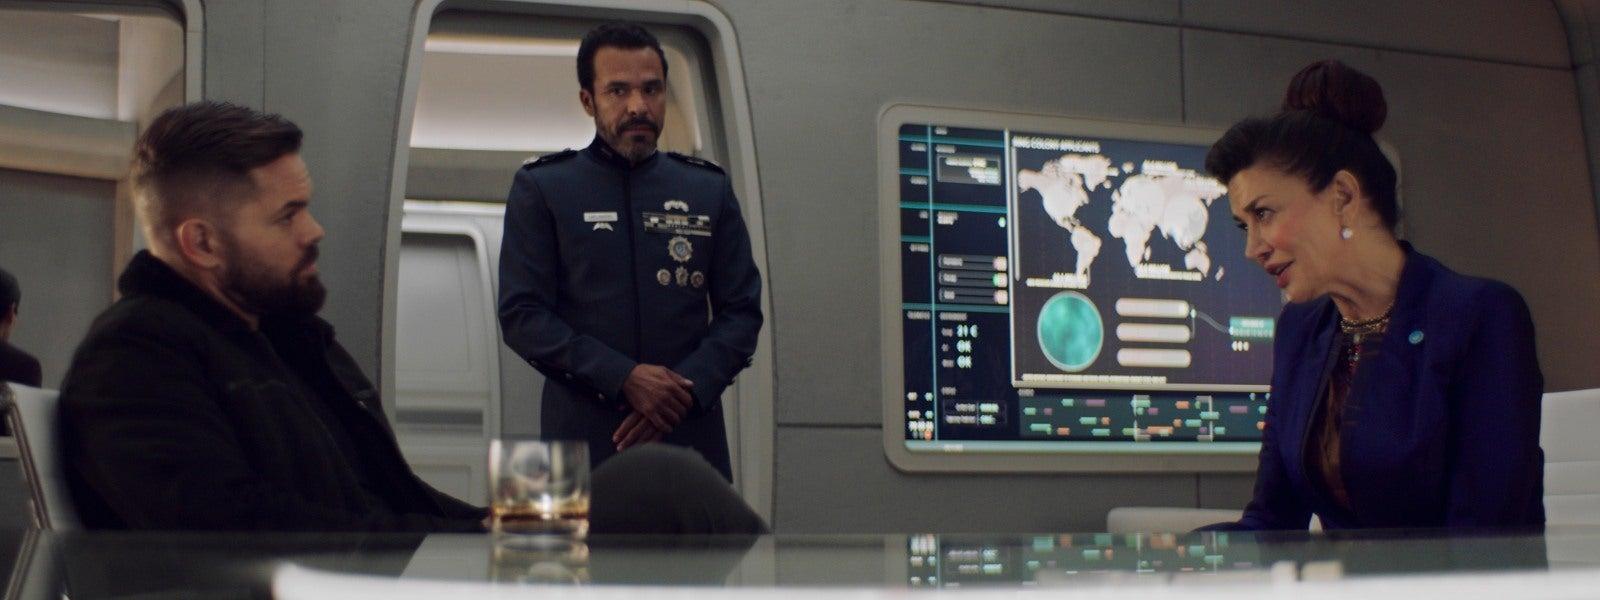 I det här mötet vill Avarasala (Shoreh Aghdashloo) att Amos (Wes Chatham) ska lova at inte döda någon när han besöker Jorden. Det gör han inte. Foto: Amazon Prime.